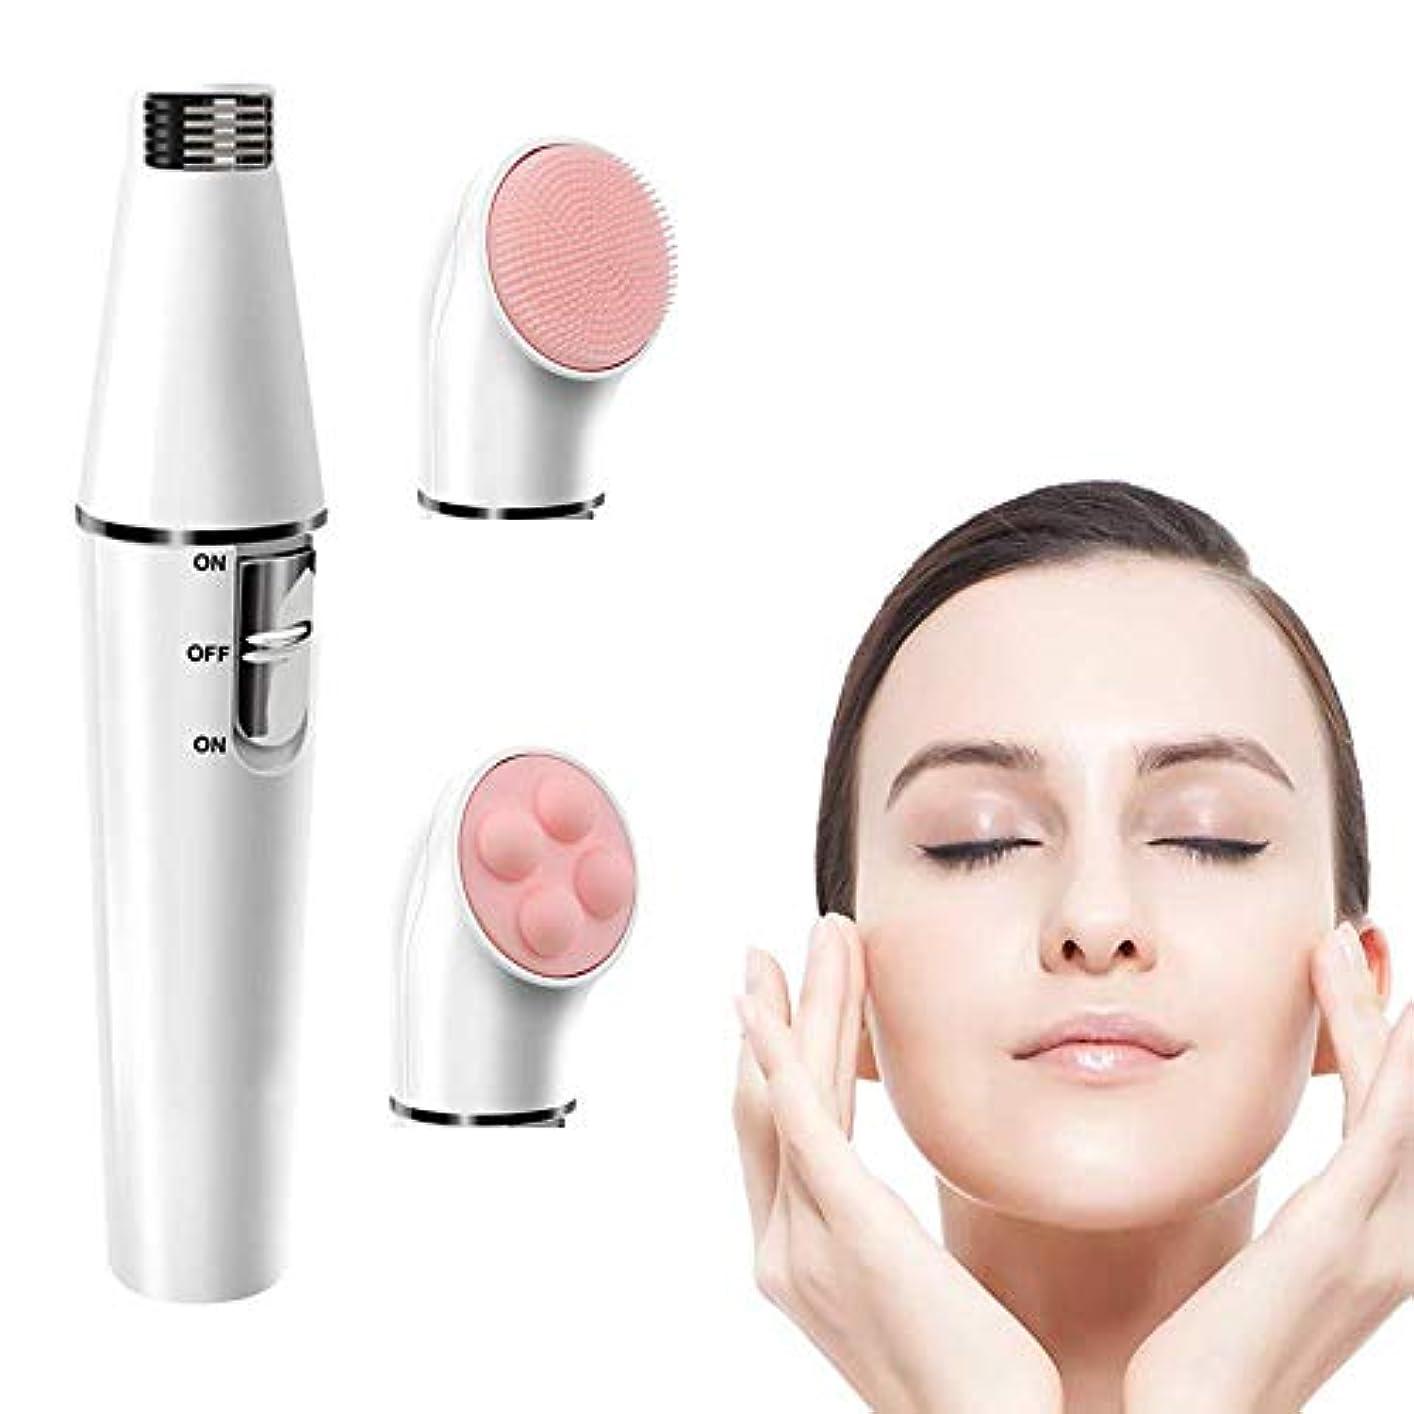 ドールピース接続された女性のための顔の脱毛剤、ホワイト/ブロンズ - 自宅でサロンの美しさのための3-1 - 顔の脱毛、クレンジング&スキントーニングシステム